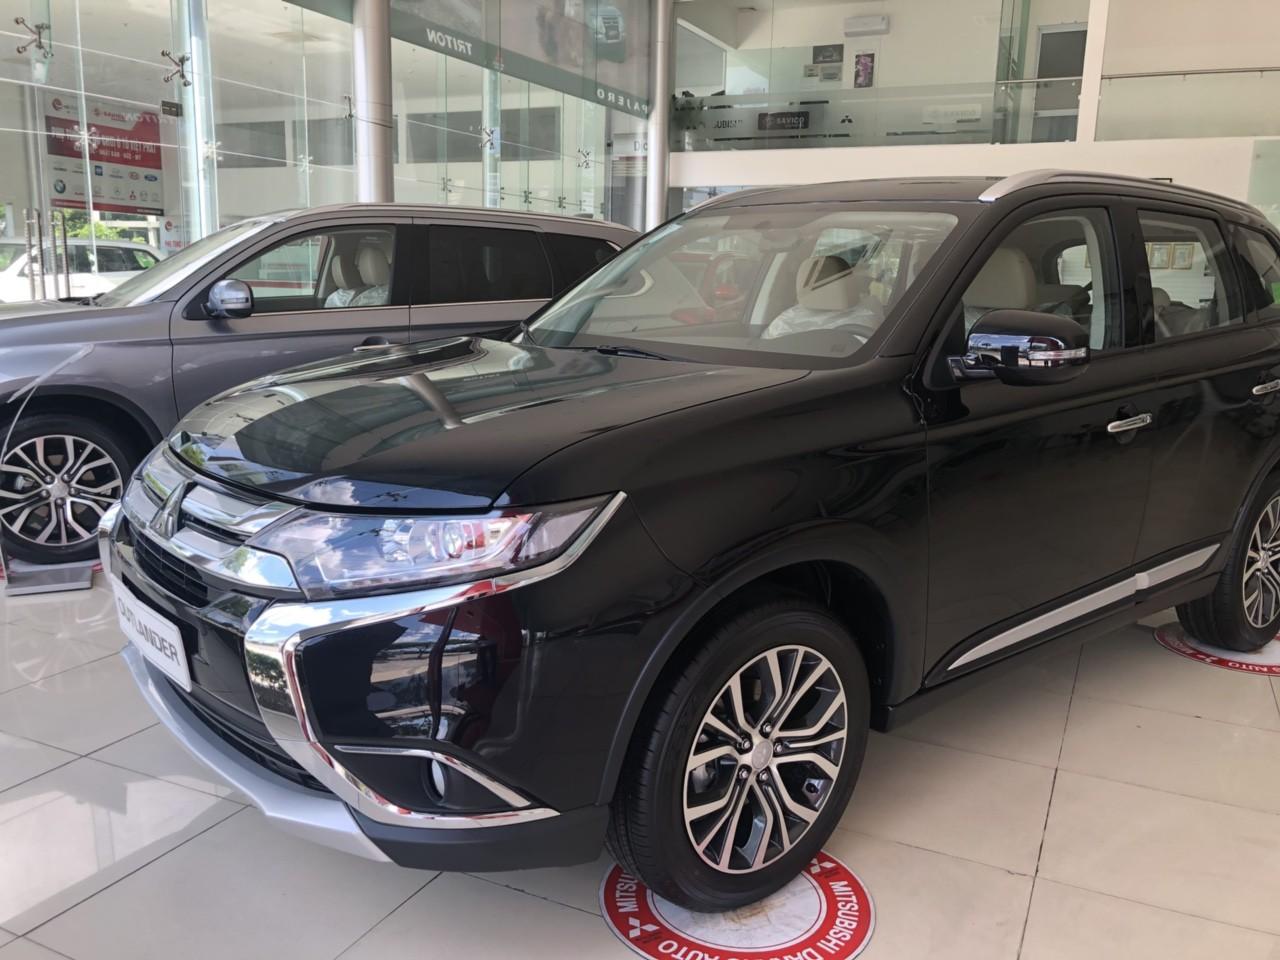 [QUÁ HOT] Outlander 2019 ở Quảng Nam, lợi xăng 7L/100km, giá ưu đãi cho vay đến 80%